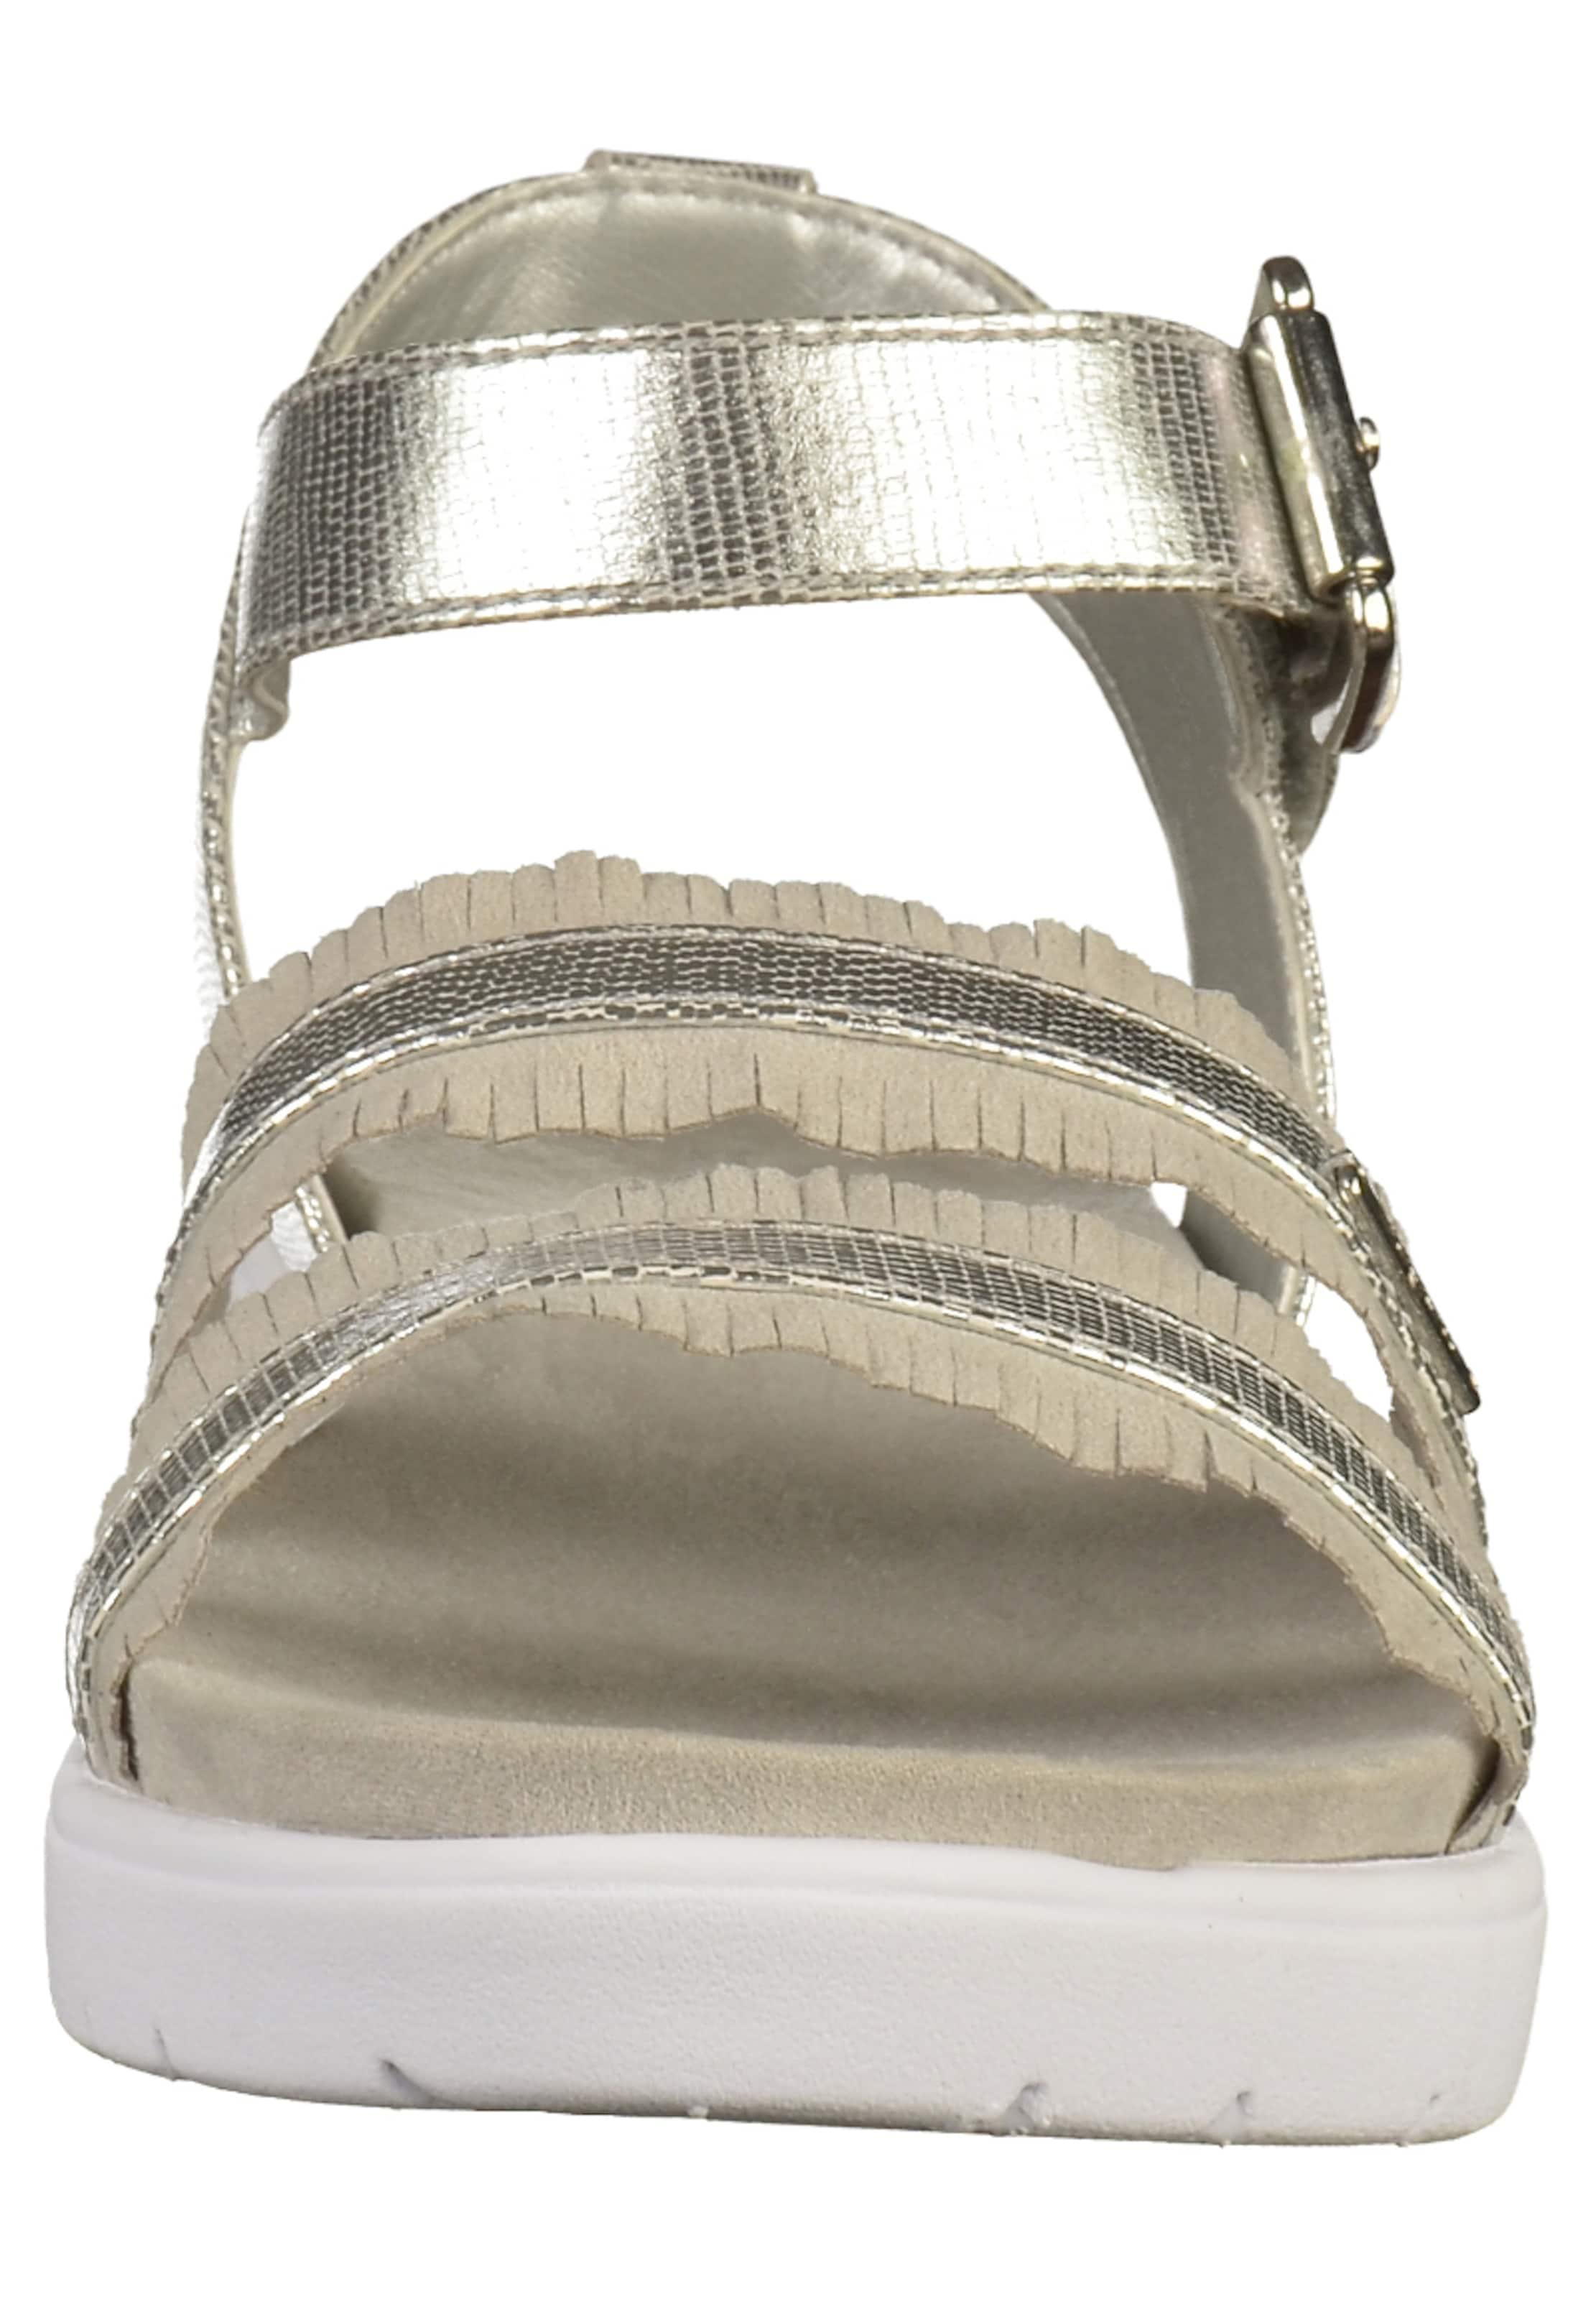 Auslass Bestseller bugatti Sandalen Qualität Für Freies Verschiffen Verkauf yL9JwhVg